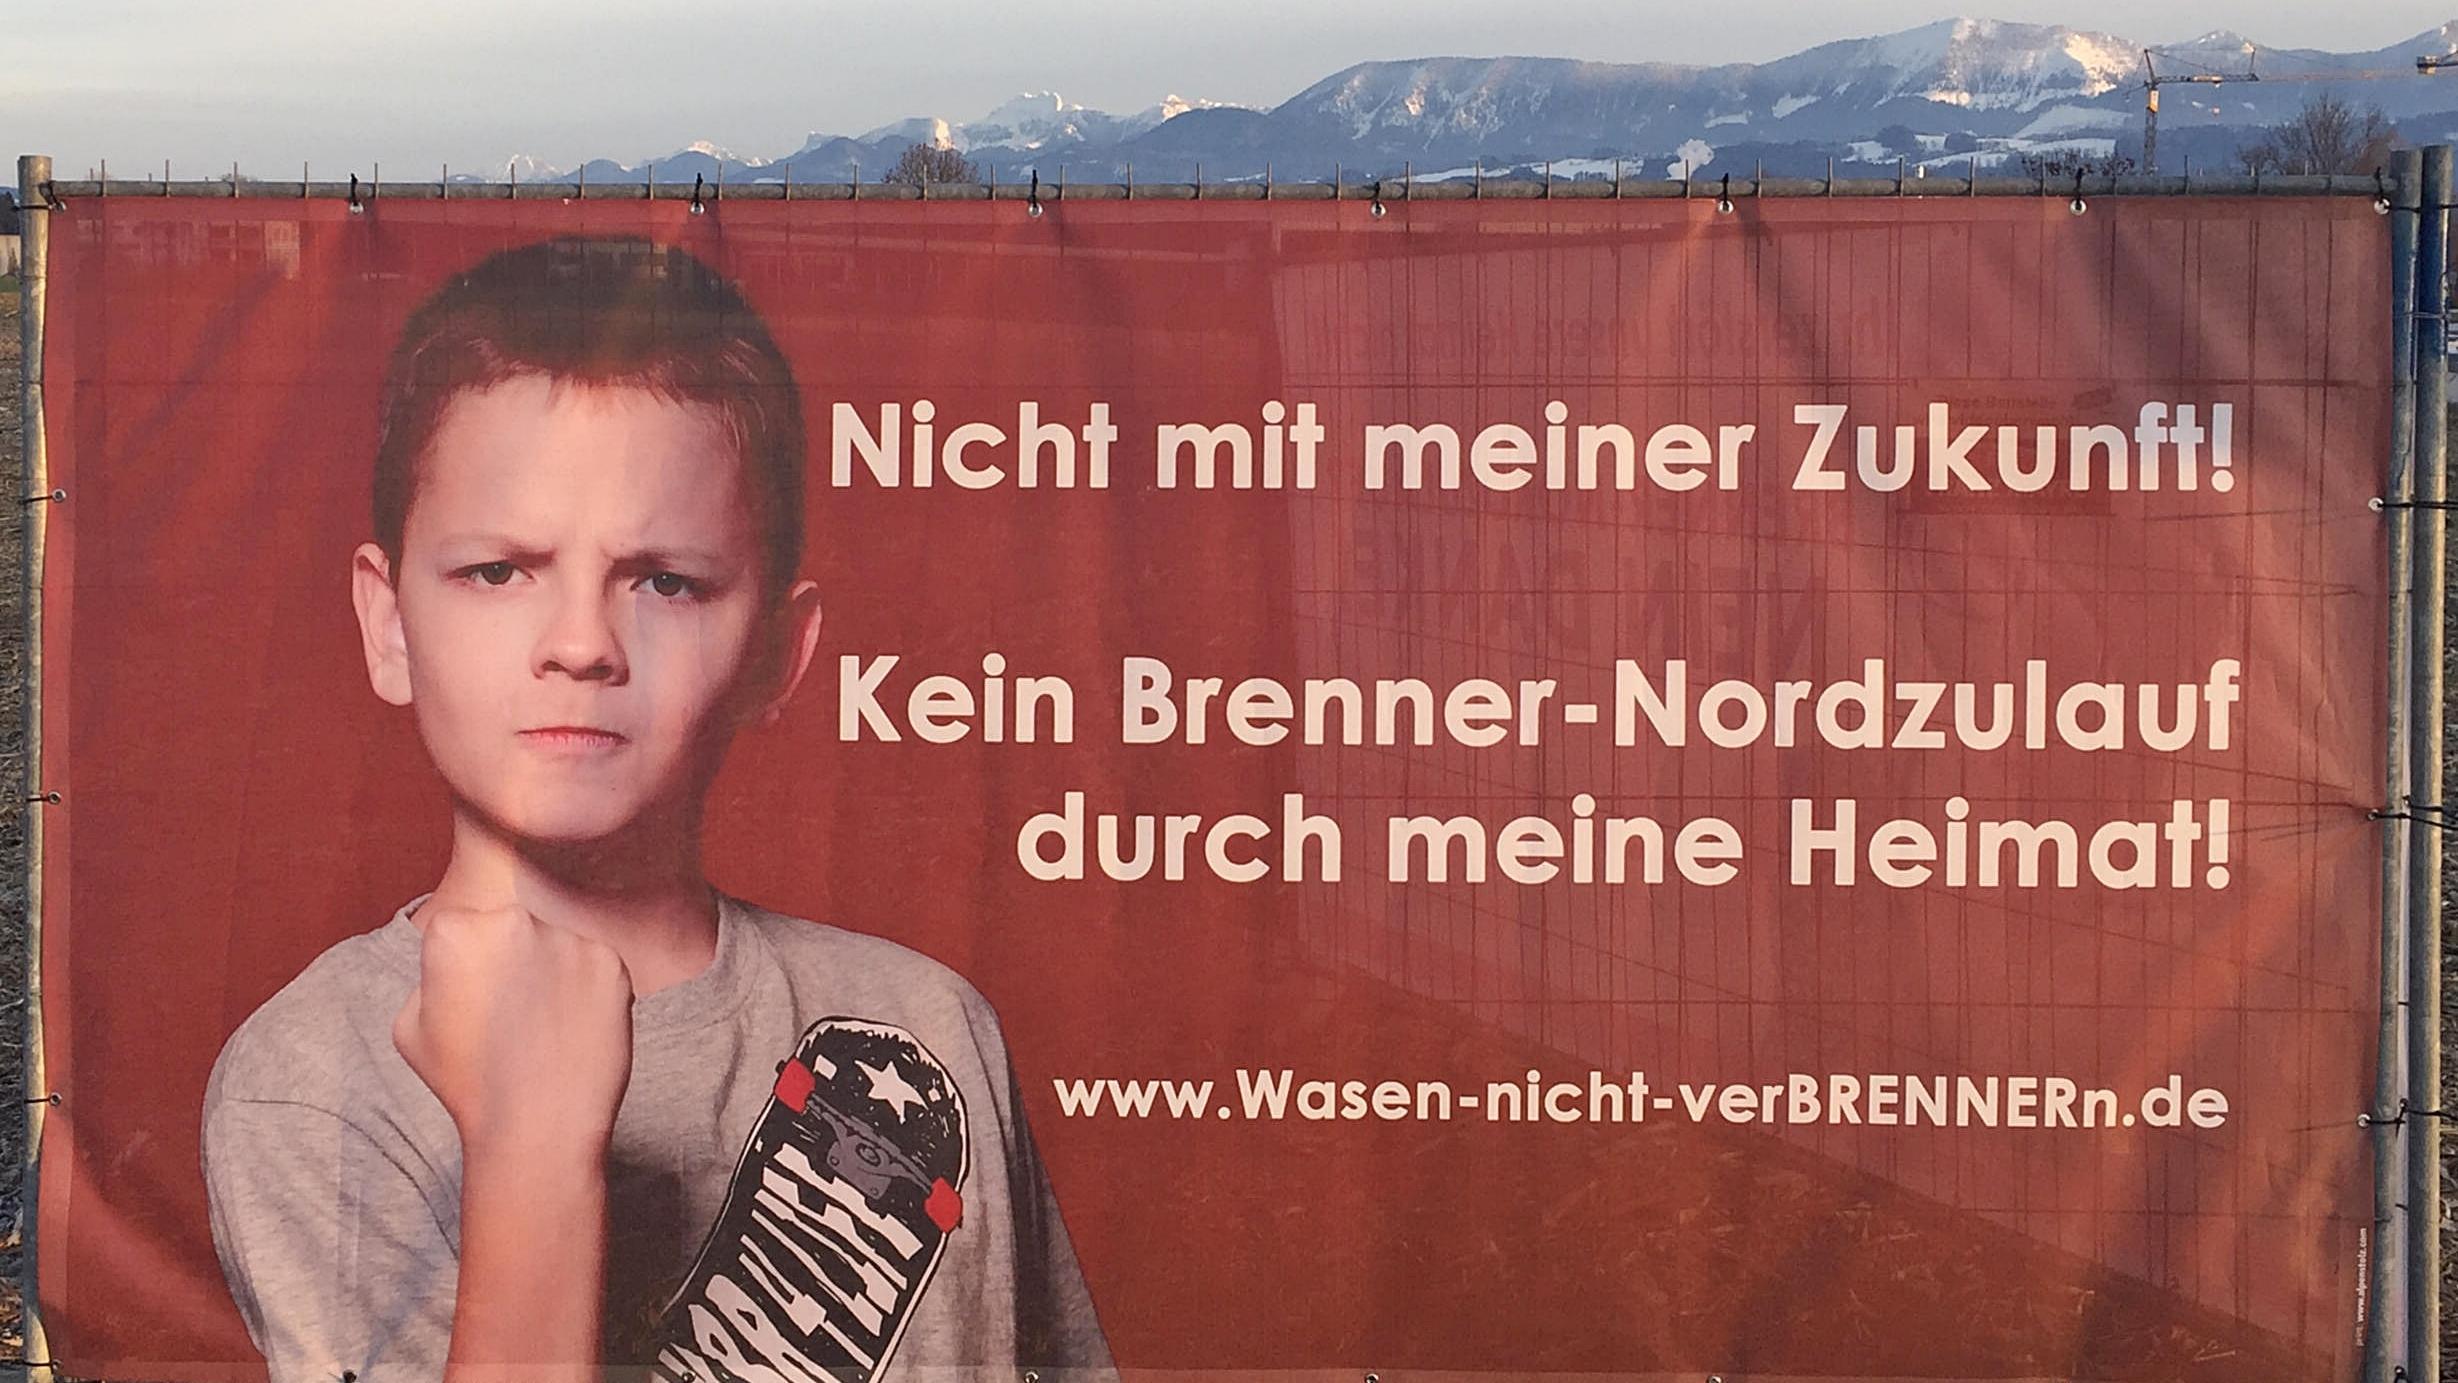 Wie überall im oberbayerischen Inntal stehen oder hängen auch in Rosenheim Protestplakate- und Banner gegen den Brennernordzulauf, hier im Rosenheimer Süden, im Stadtteil Aising. Auch hier könnte die Trasse des Brenner-Nordzulaufs durchgehen. Im Hintergrund rechts die Hochries und links die Kampenwand.